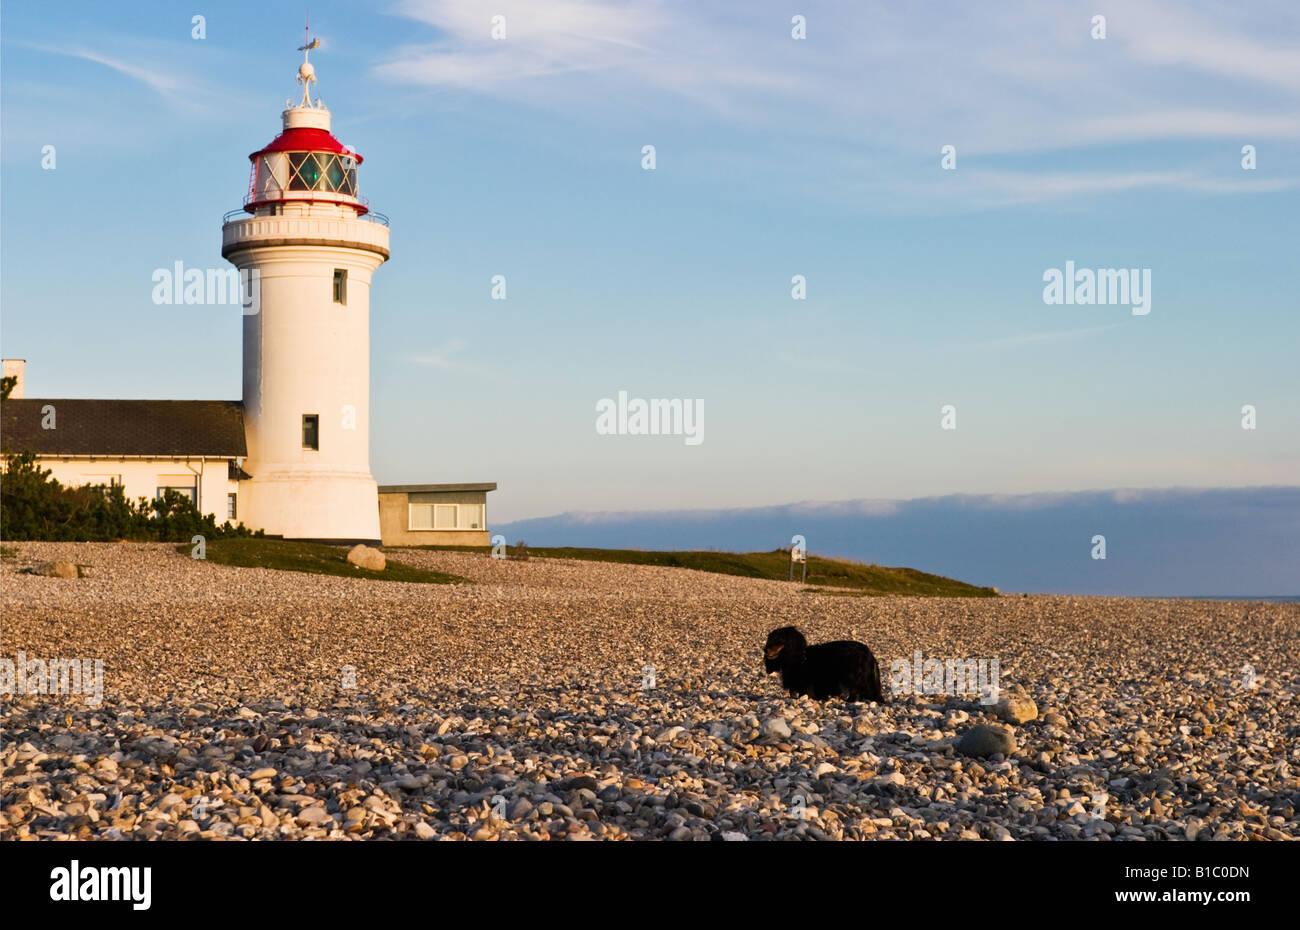 Phare Sletterhage au Danemark et un teckel sur la plage Banque D'Images